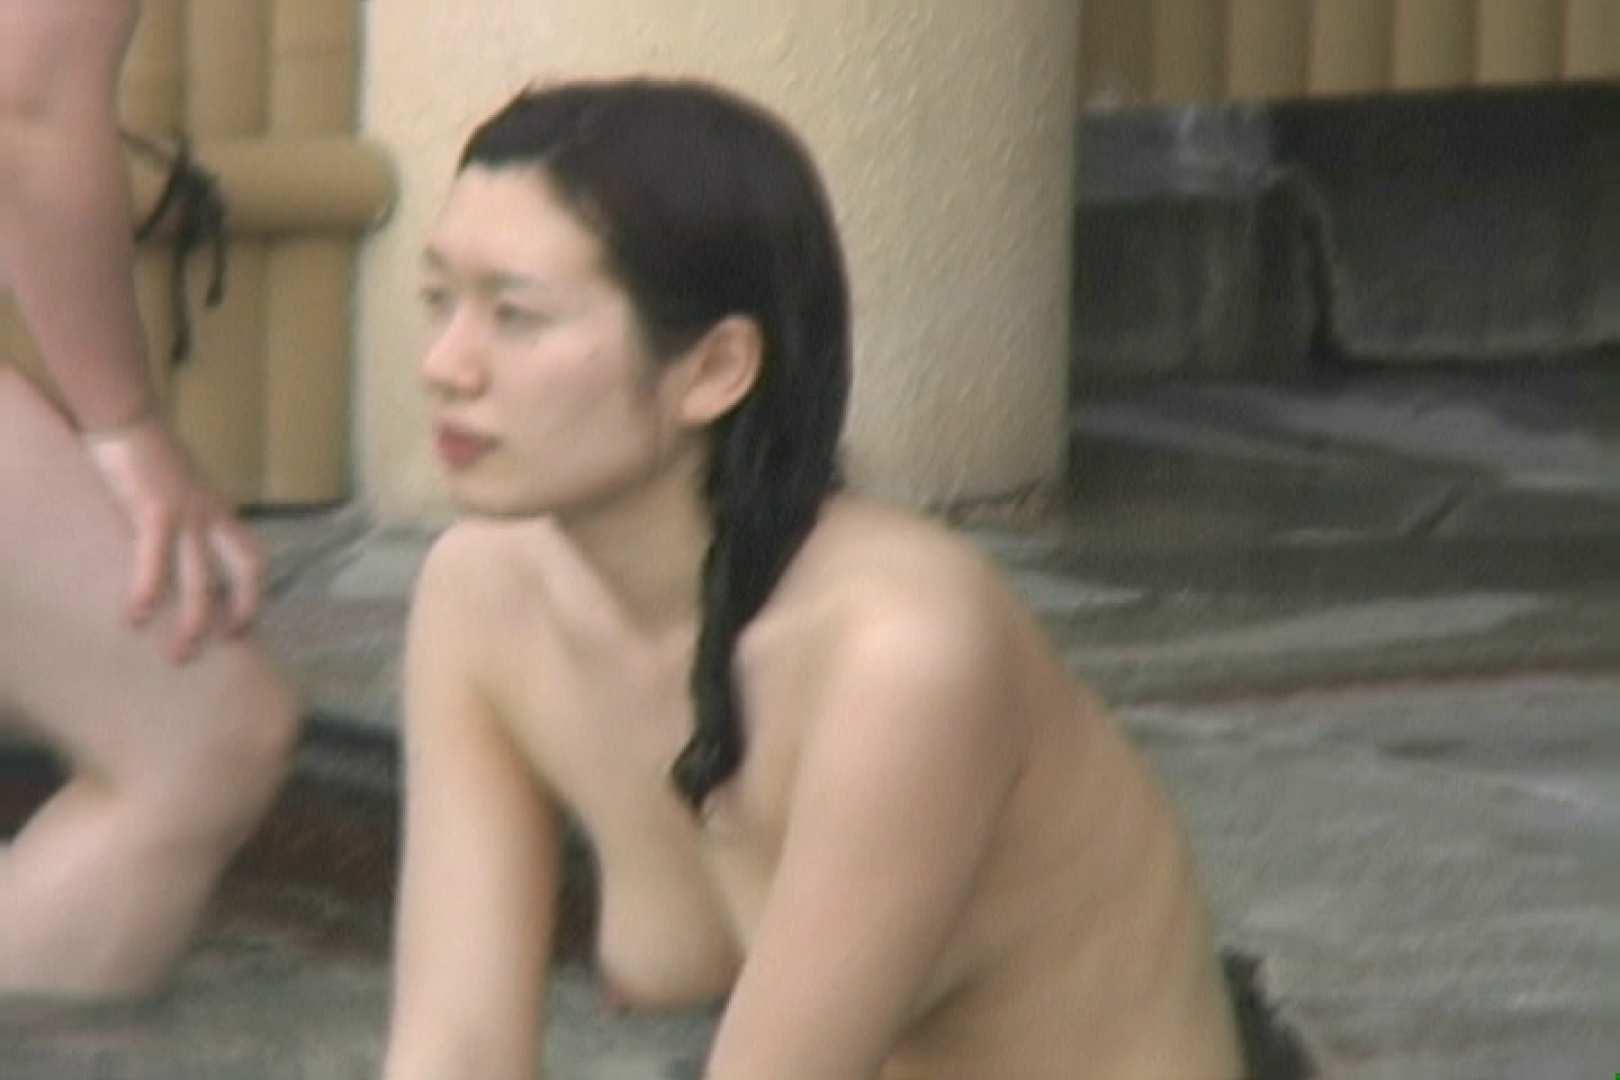 高画質露天女風呂観察 vol.010 OLエロ画像 盗撮ヌード画像 107PICs 93